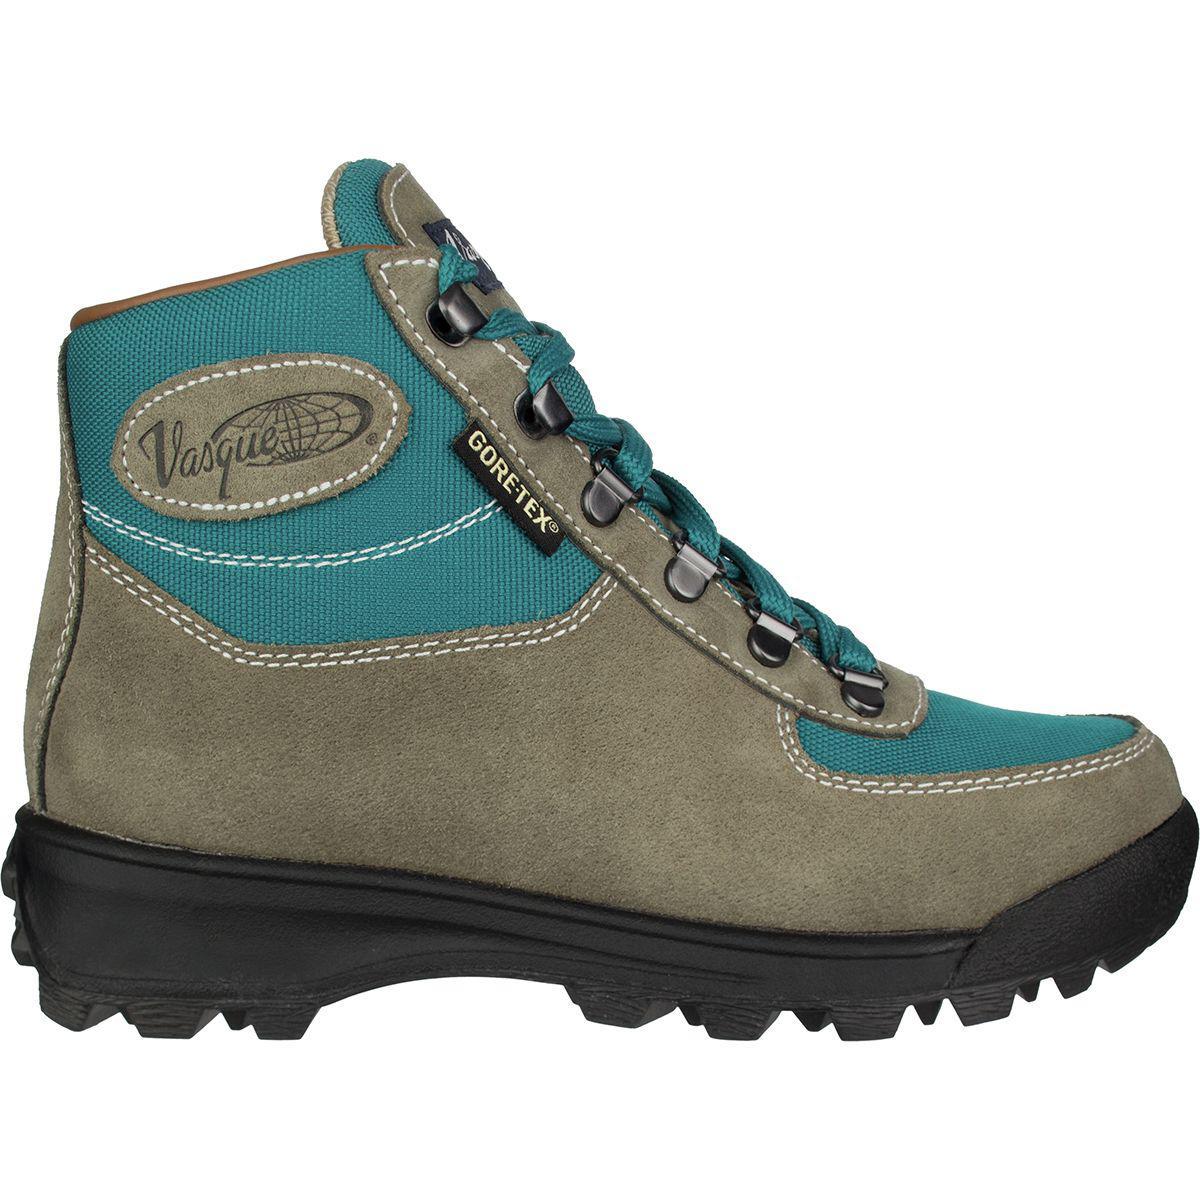 bf50e1421f4 Women's Blue Skywalk Gtx Hiking Boot